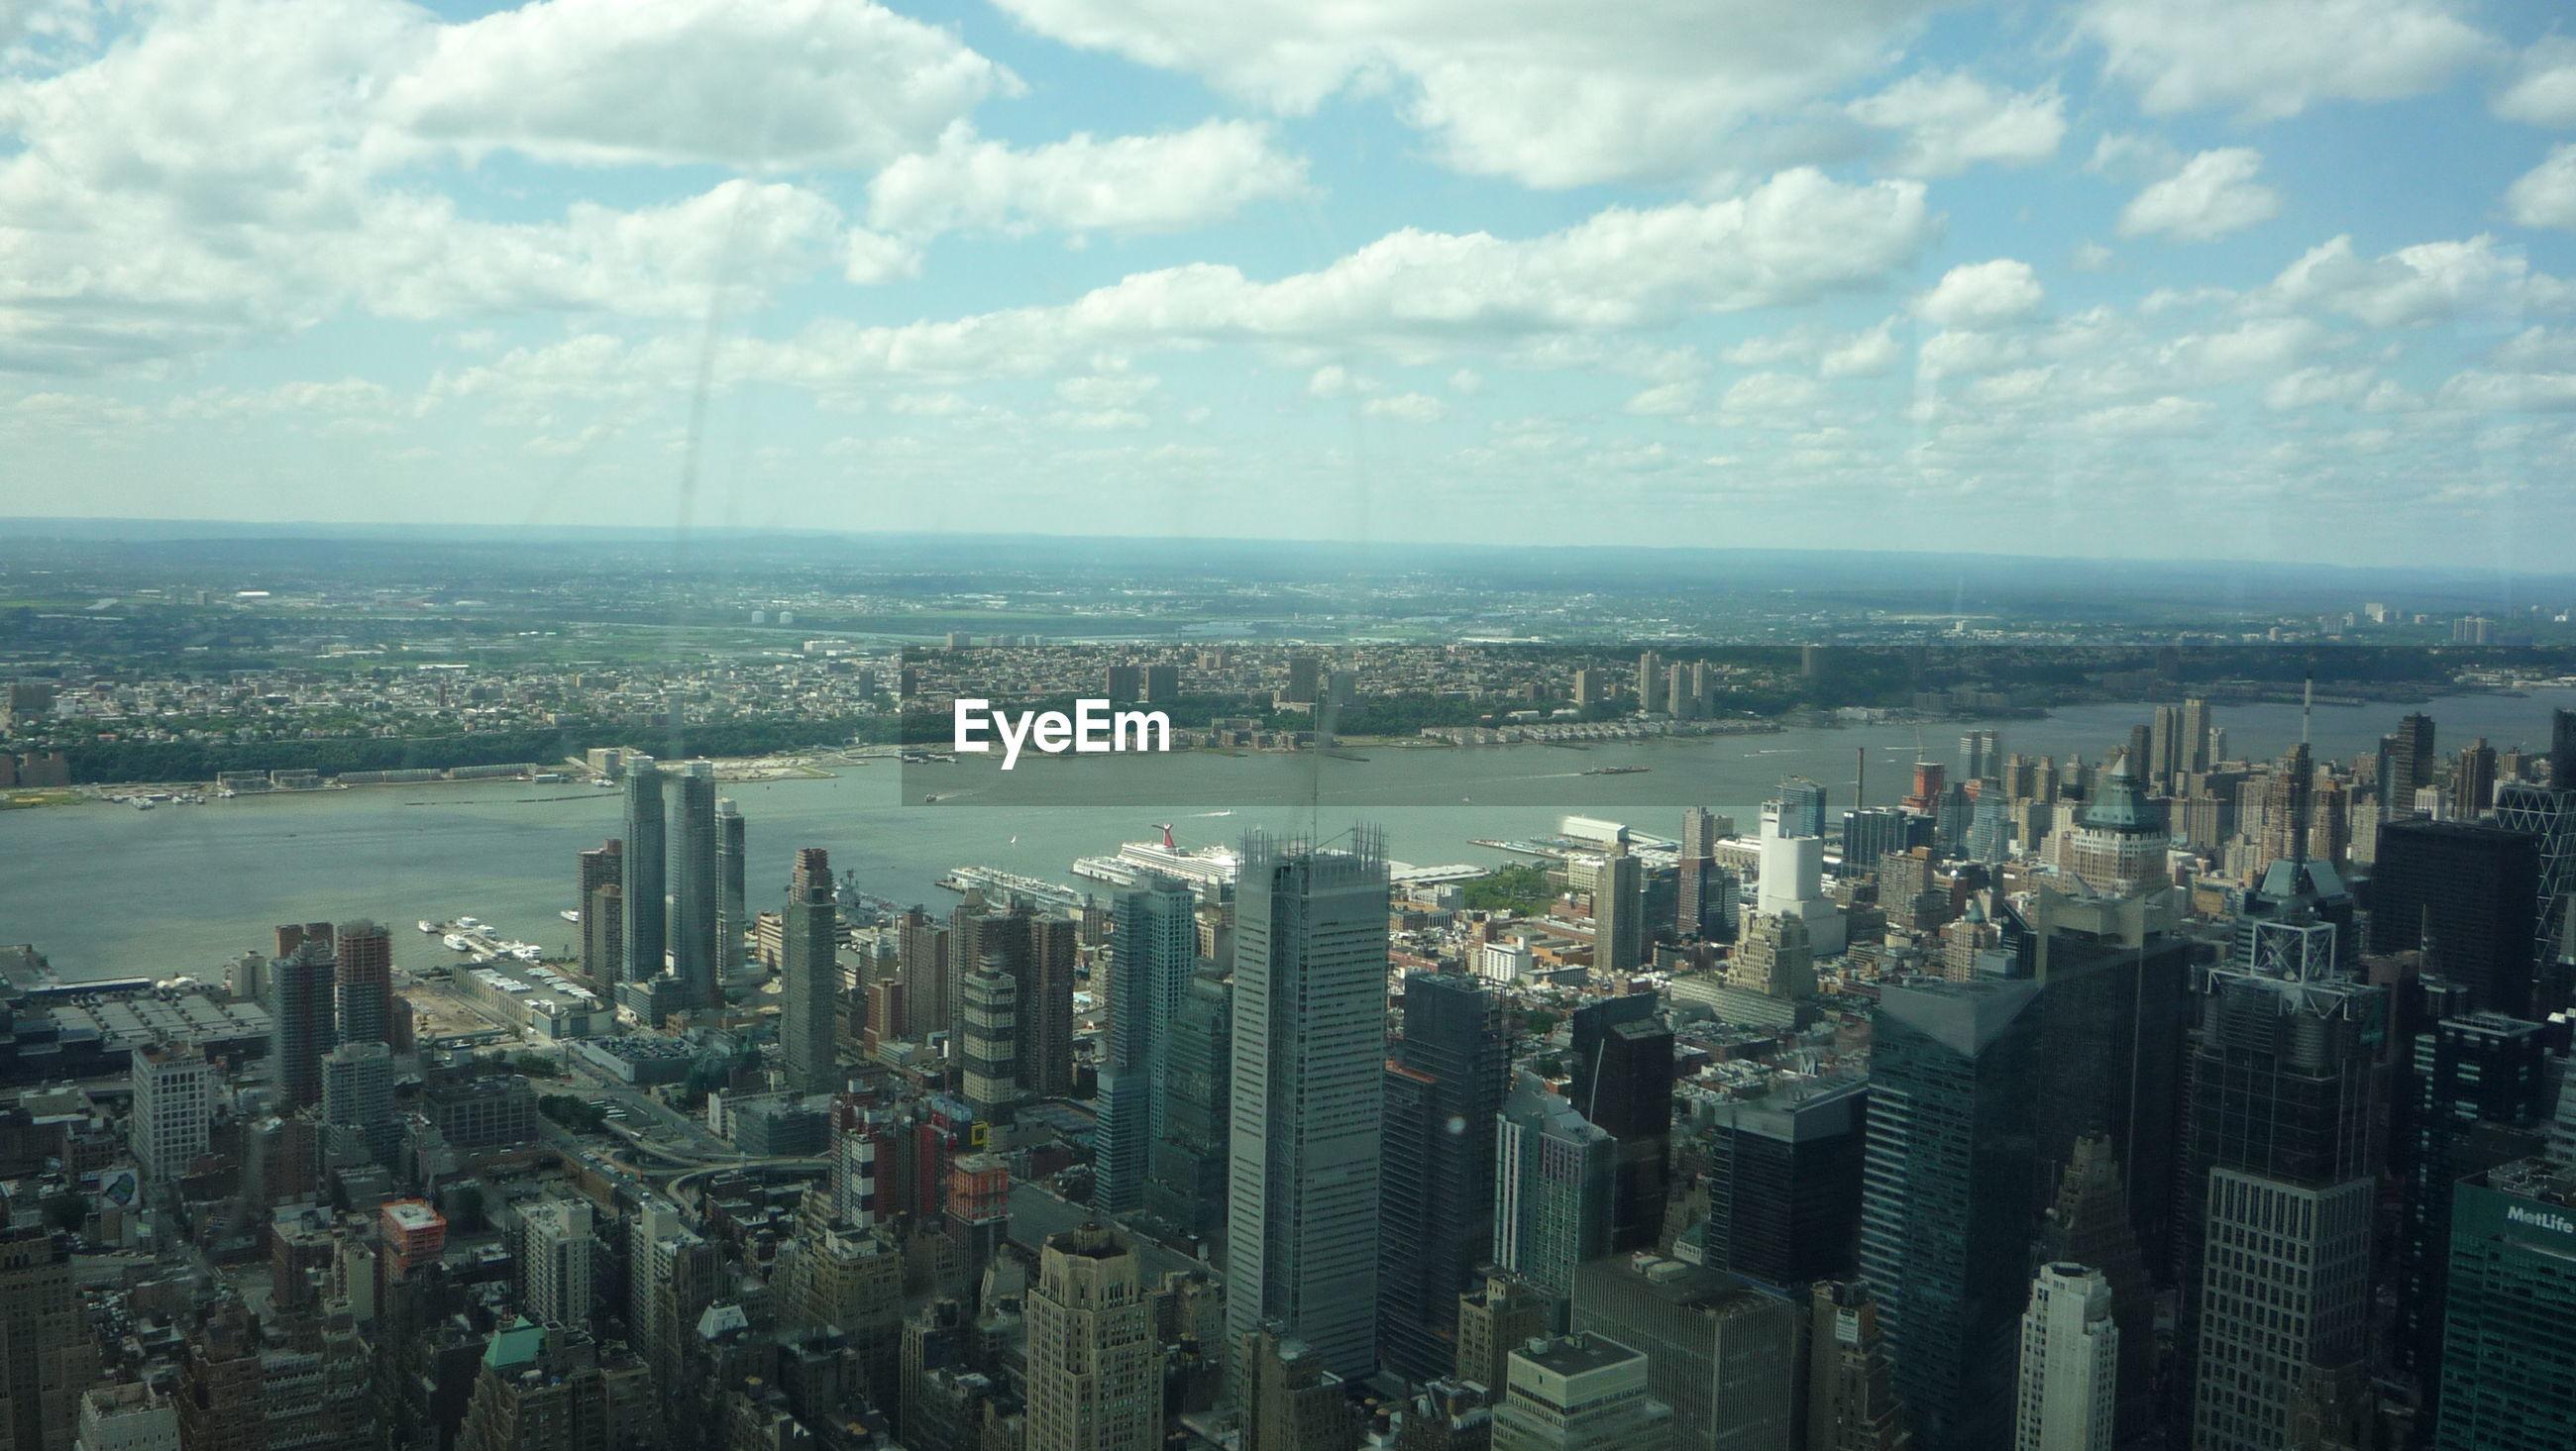 AERIAL VIEW OF MODERN BUILDINGS AGAINST SKY